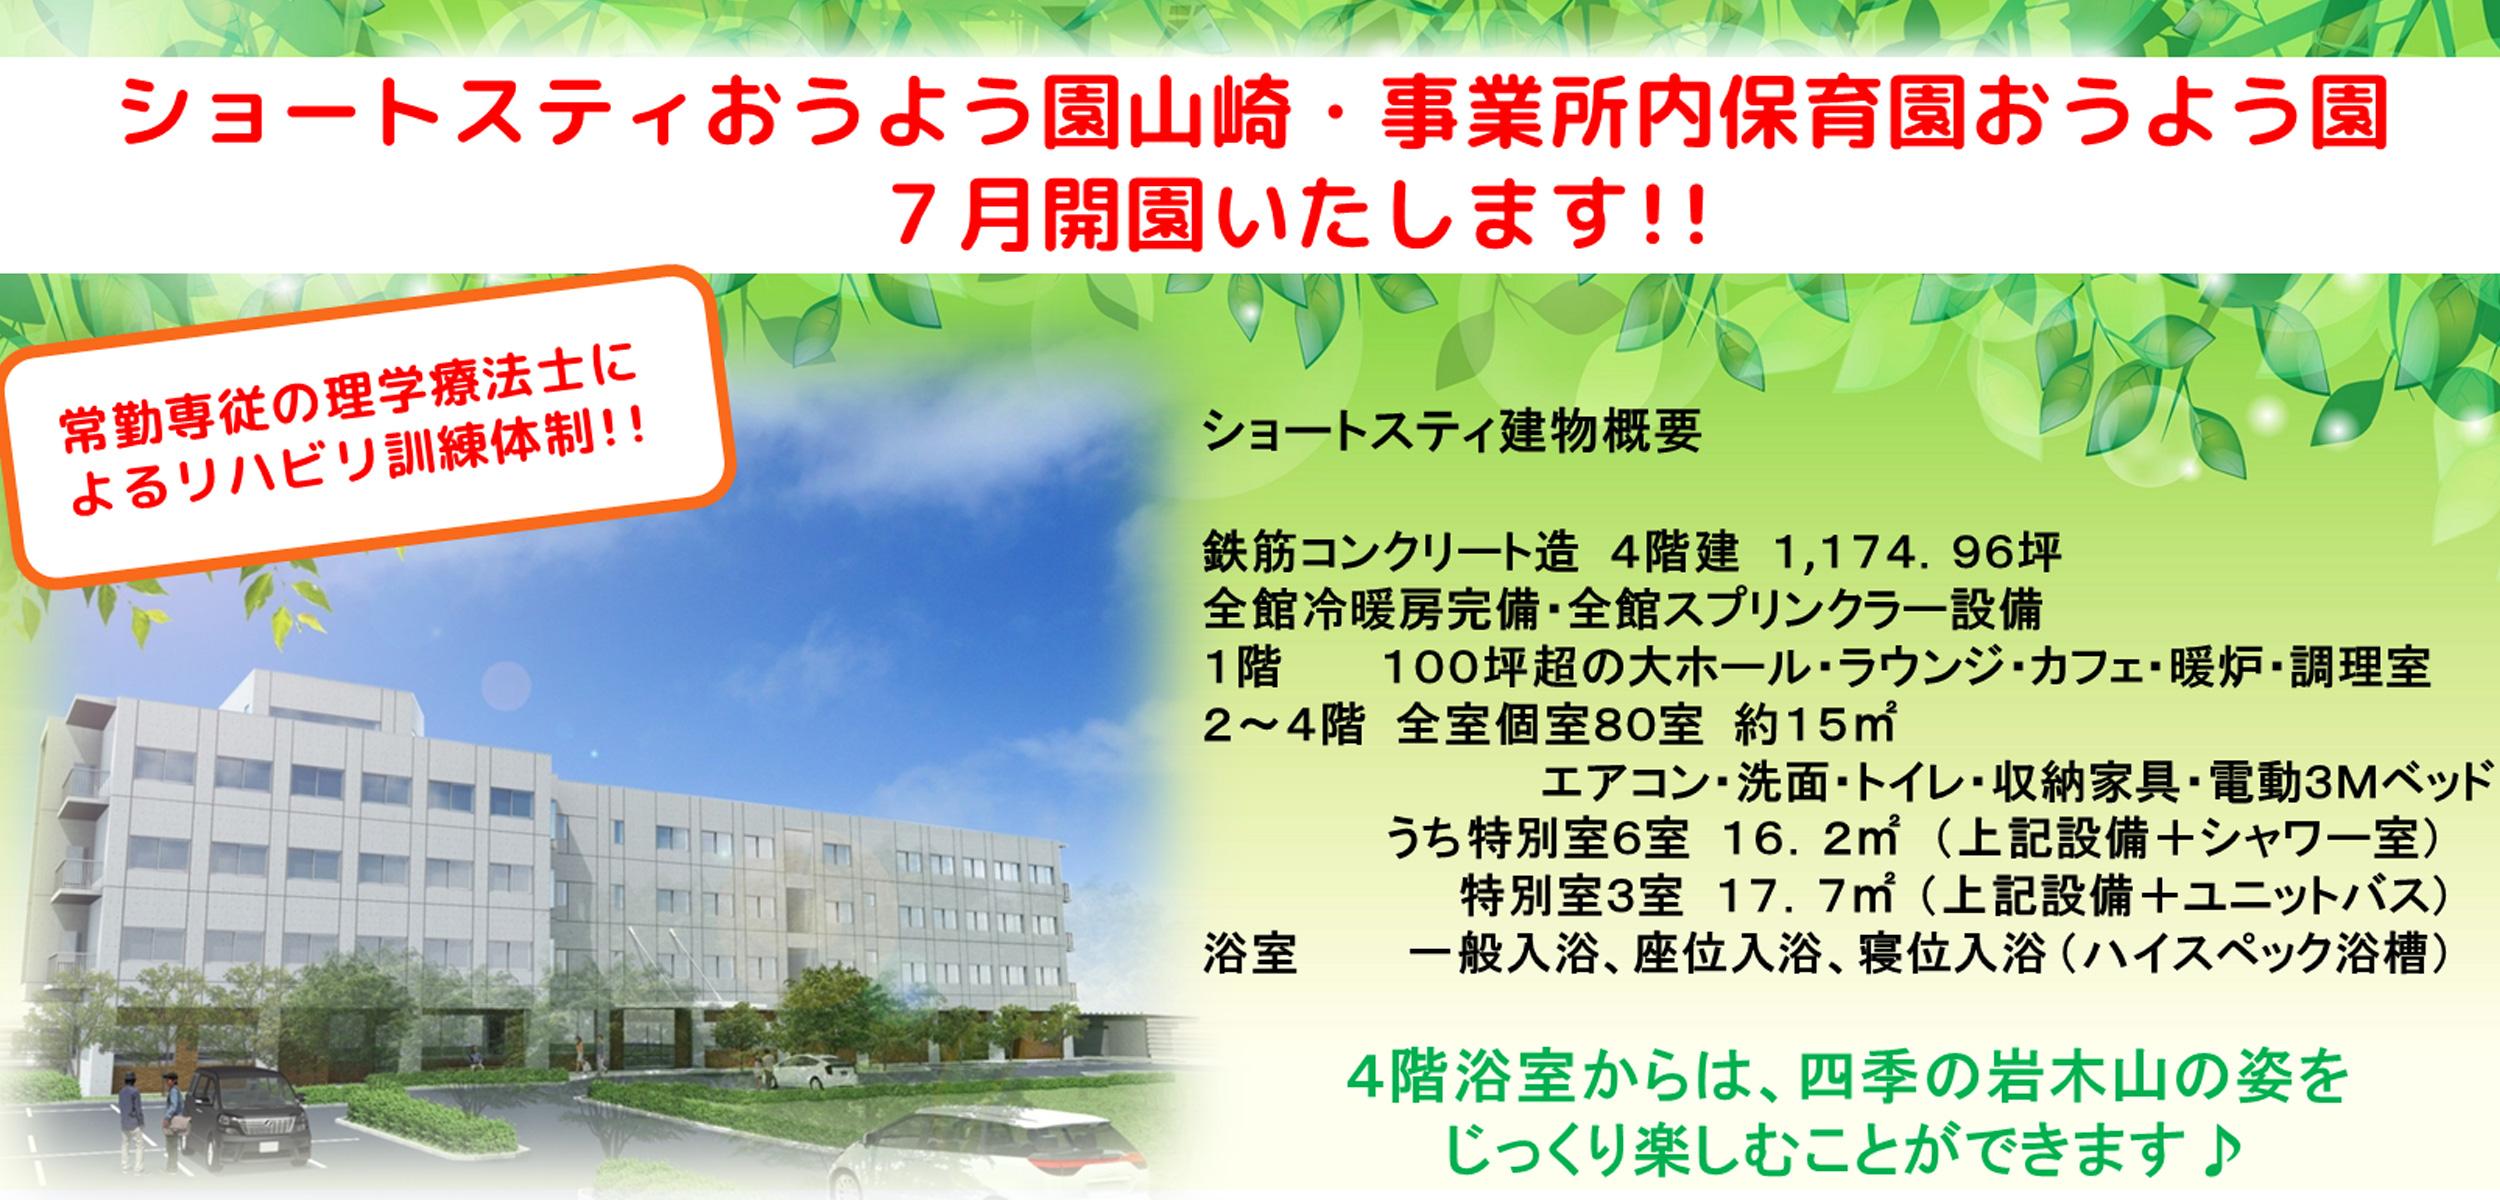 ショートスティおうよう園山崎・事業所内おうよう園7月開園!!